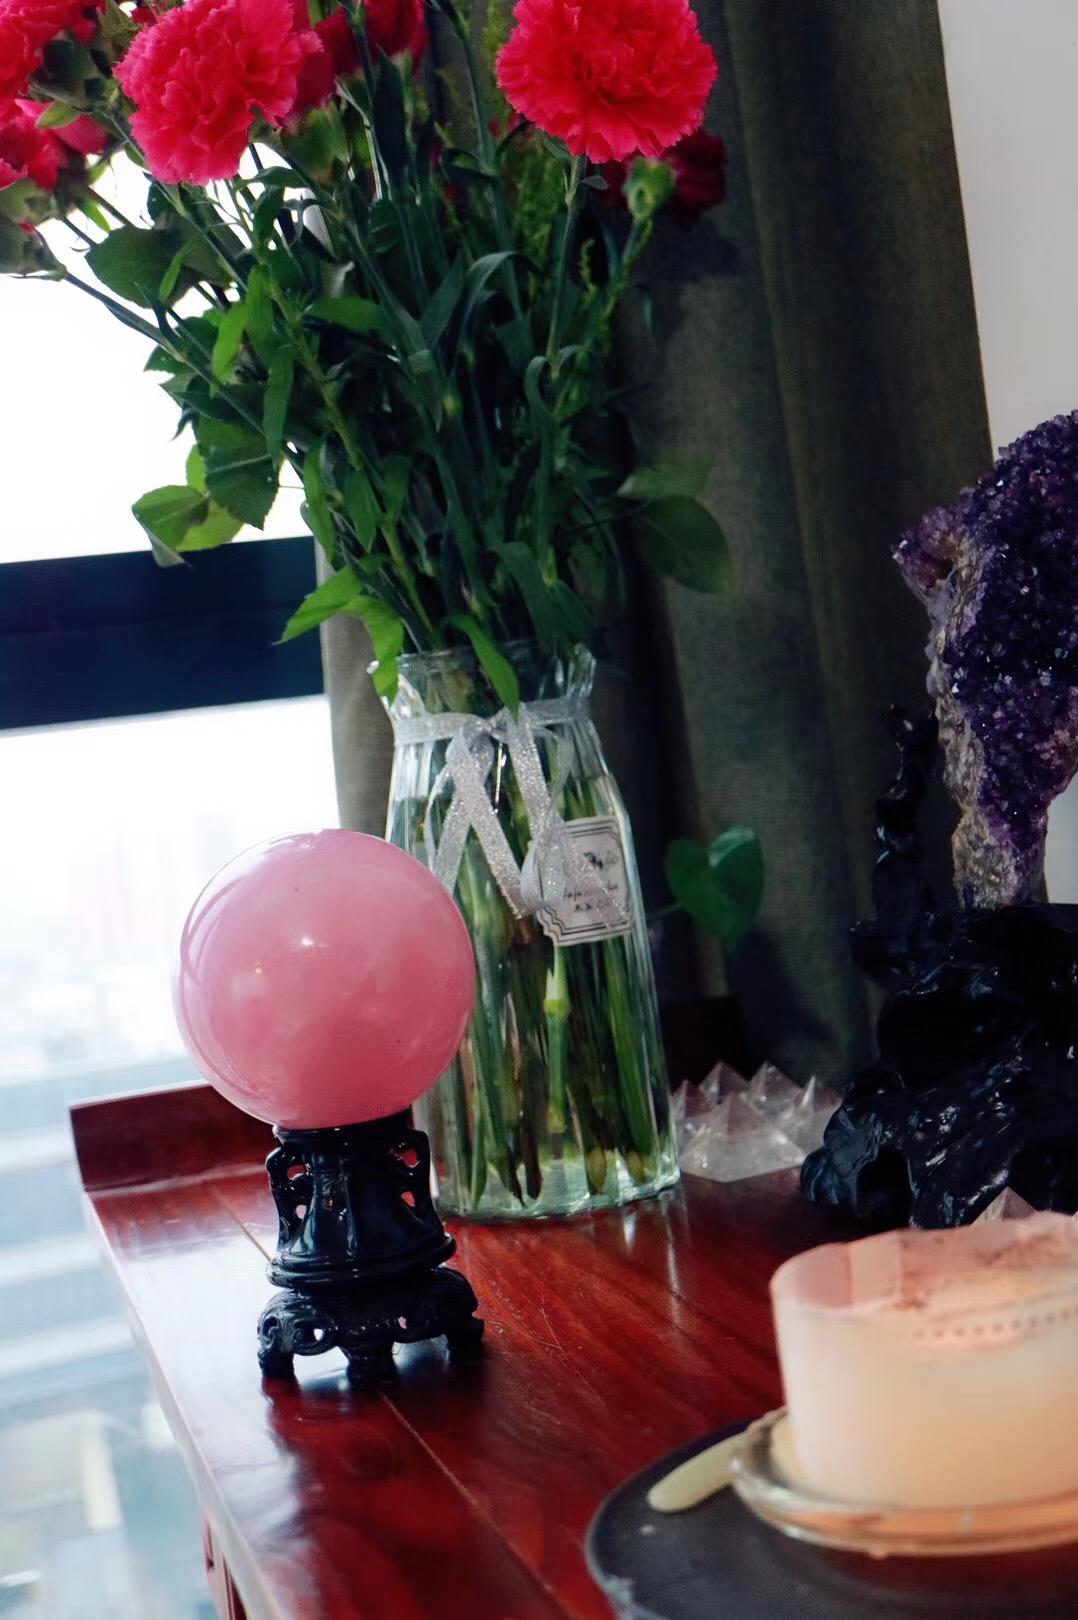 【红润粉晶球 | 菩心】粉红色频率可疗愈心中所积累的多年郁结-菩心晶舍